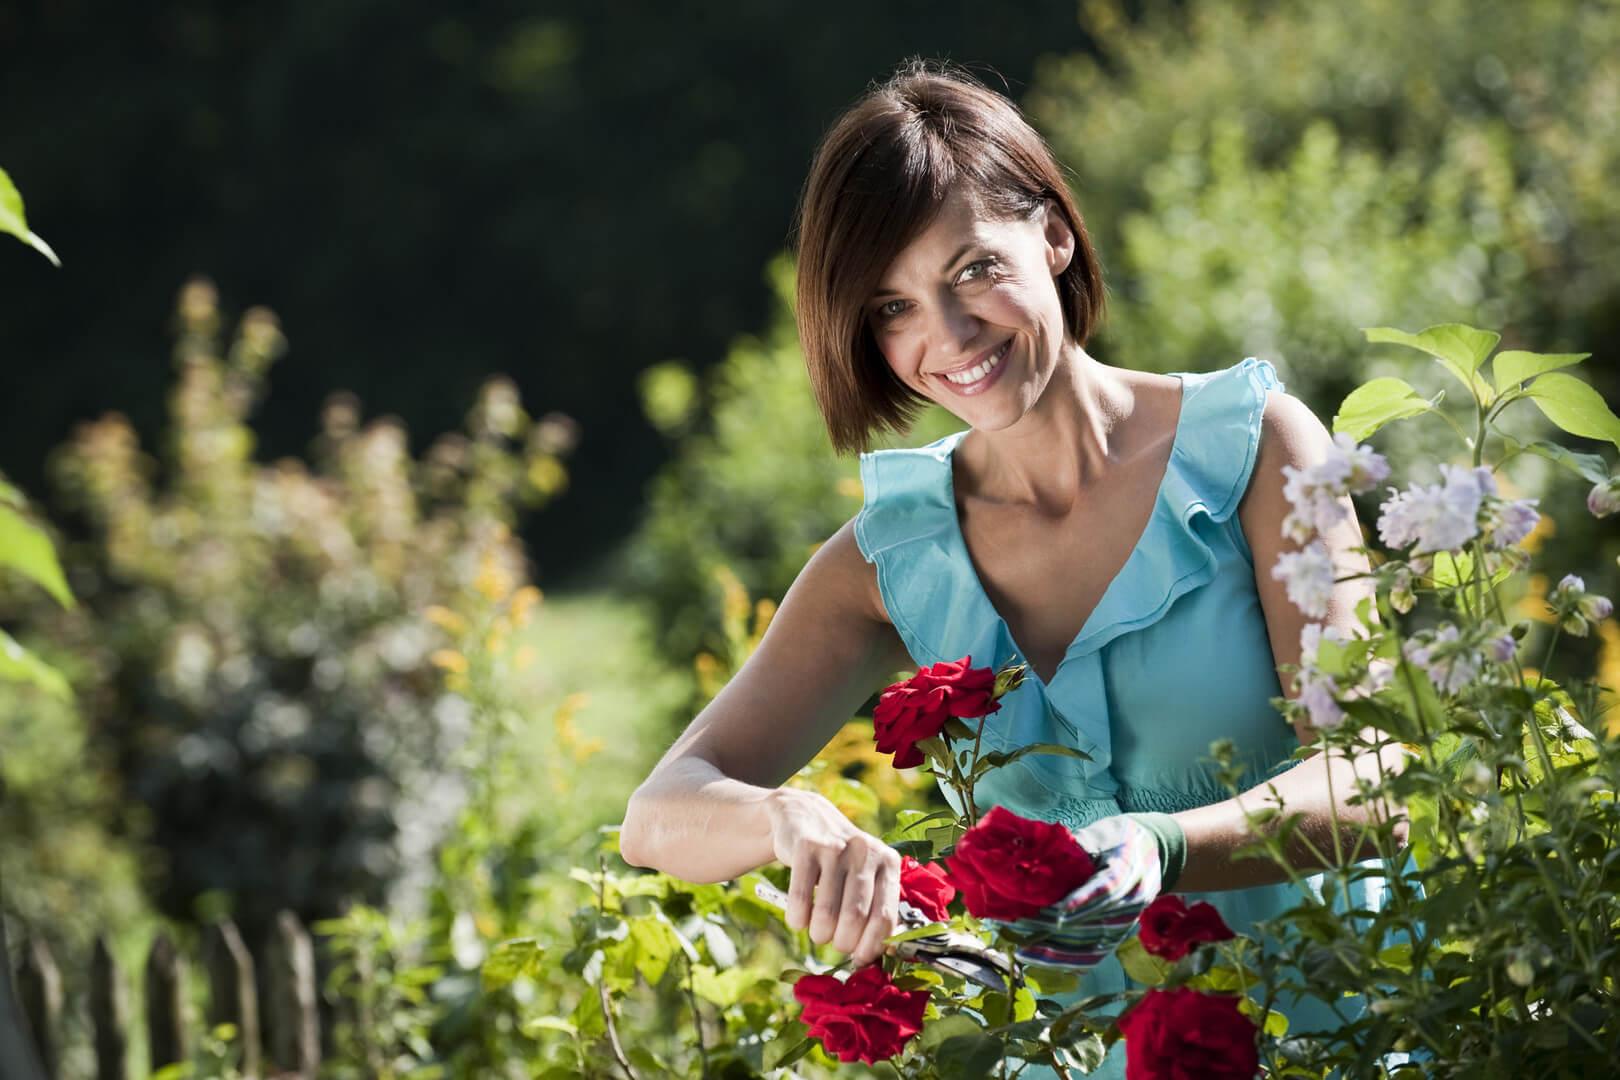 Догляд за квітами